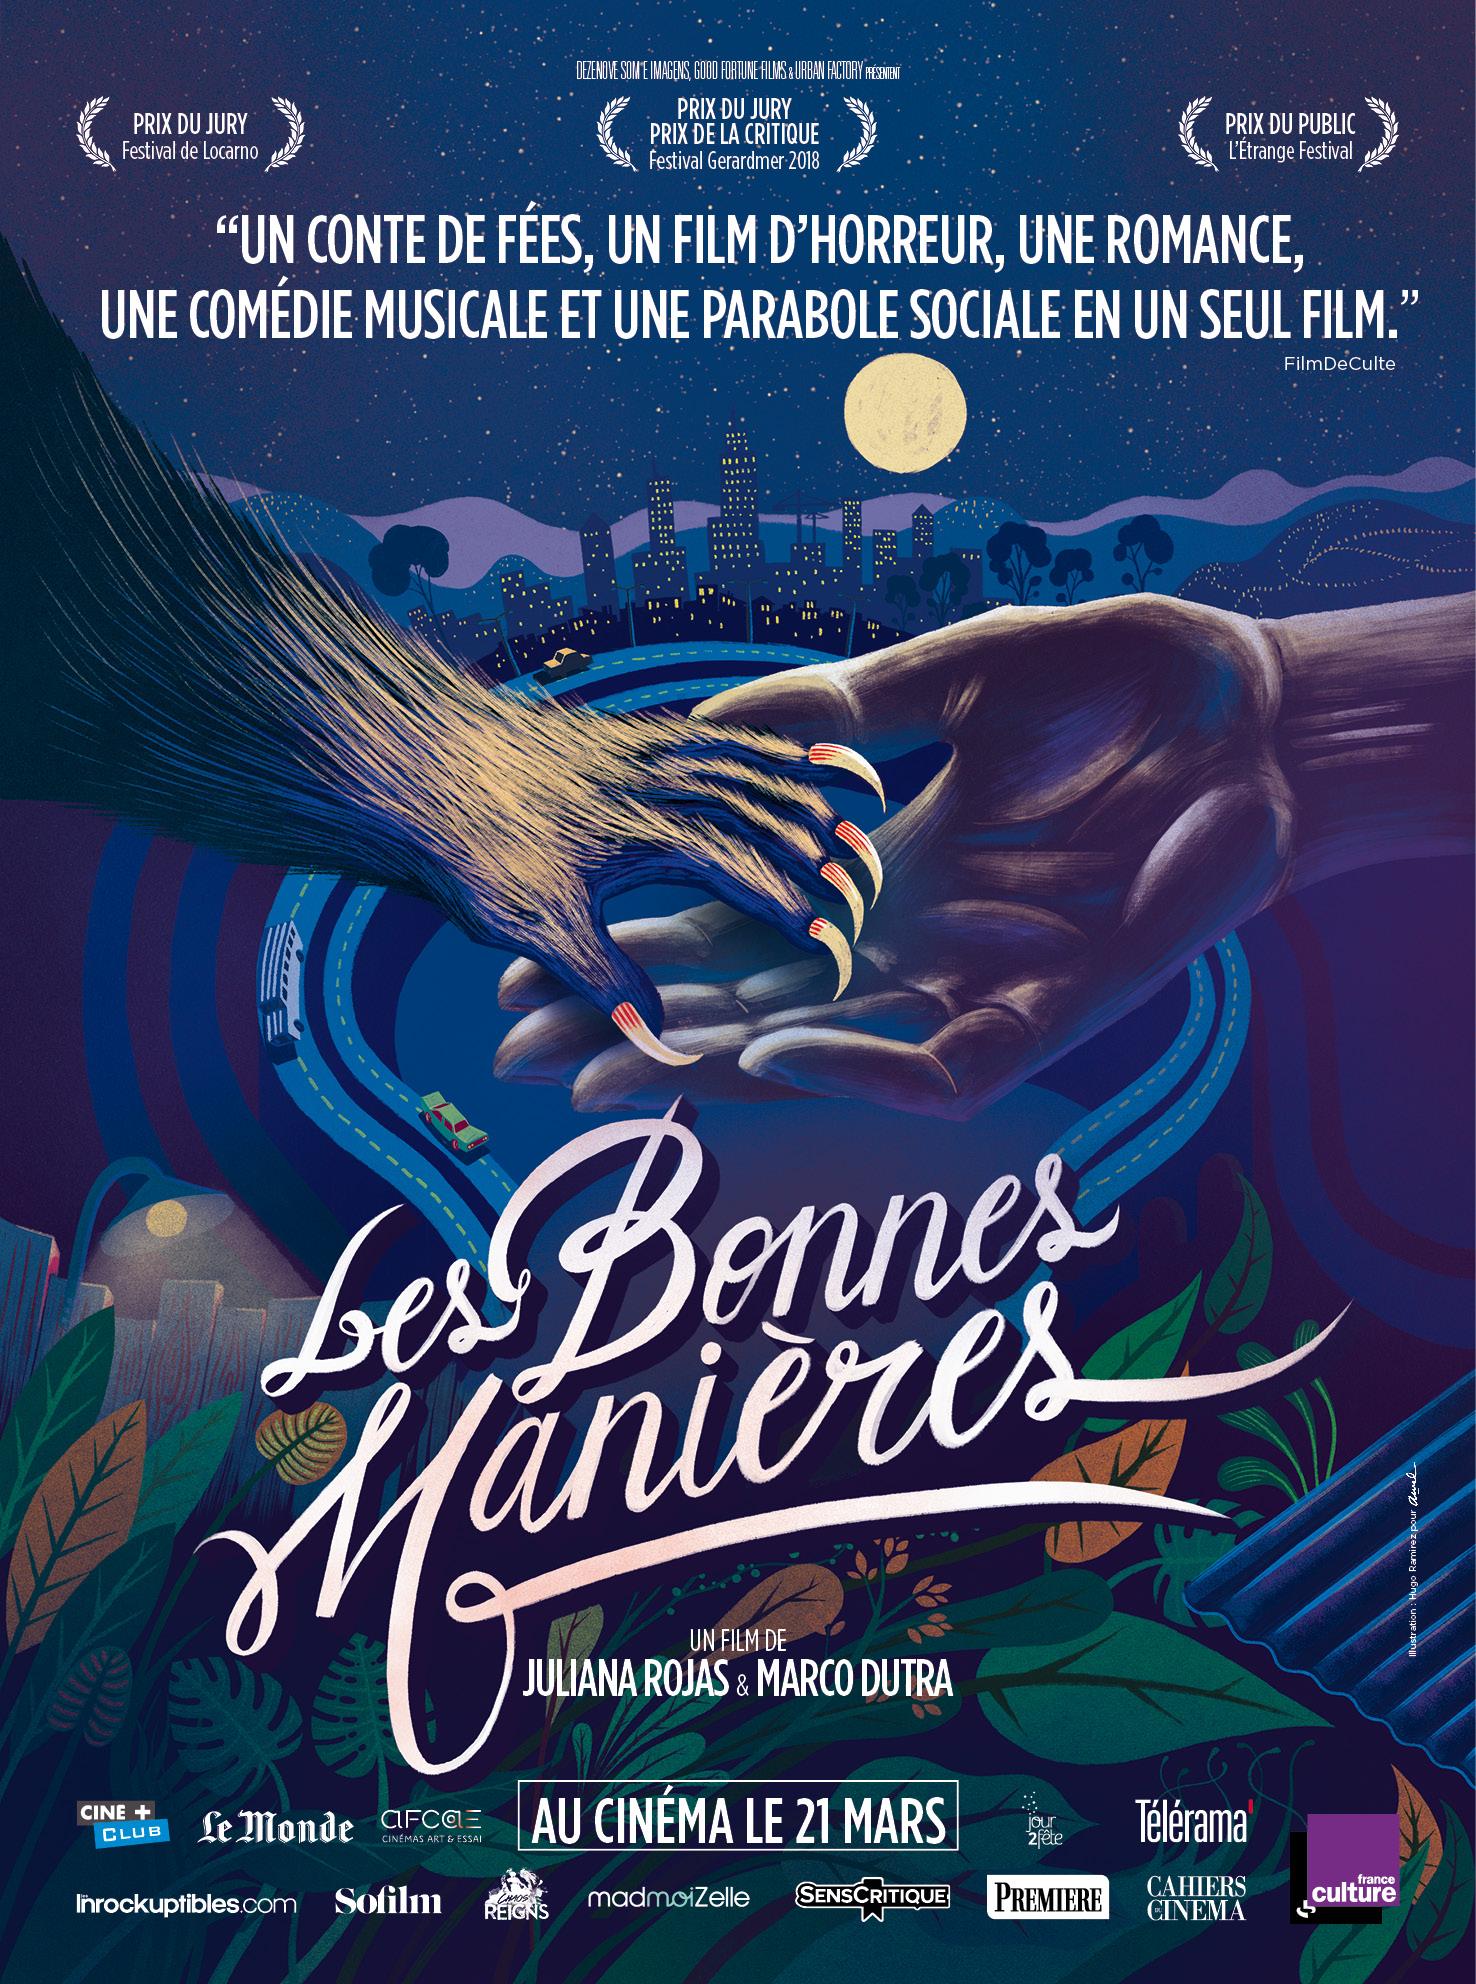 Ciné-Latino: Les bonnes manières - MONEIN